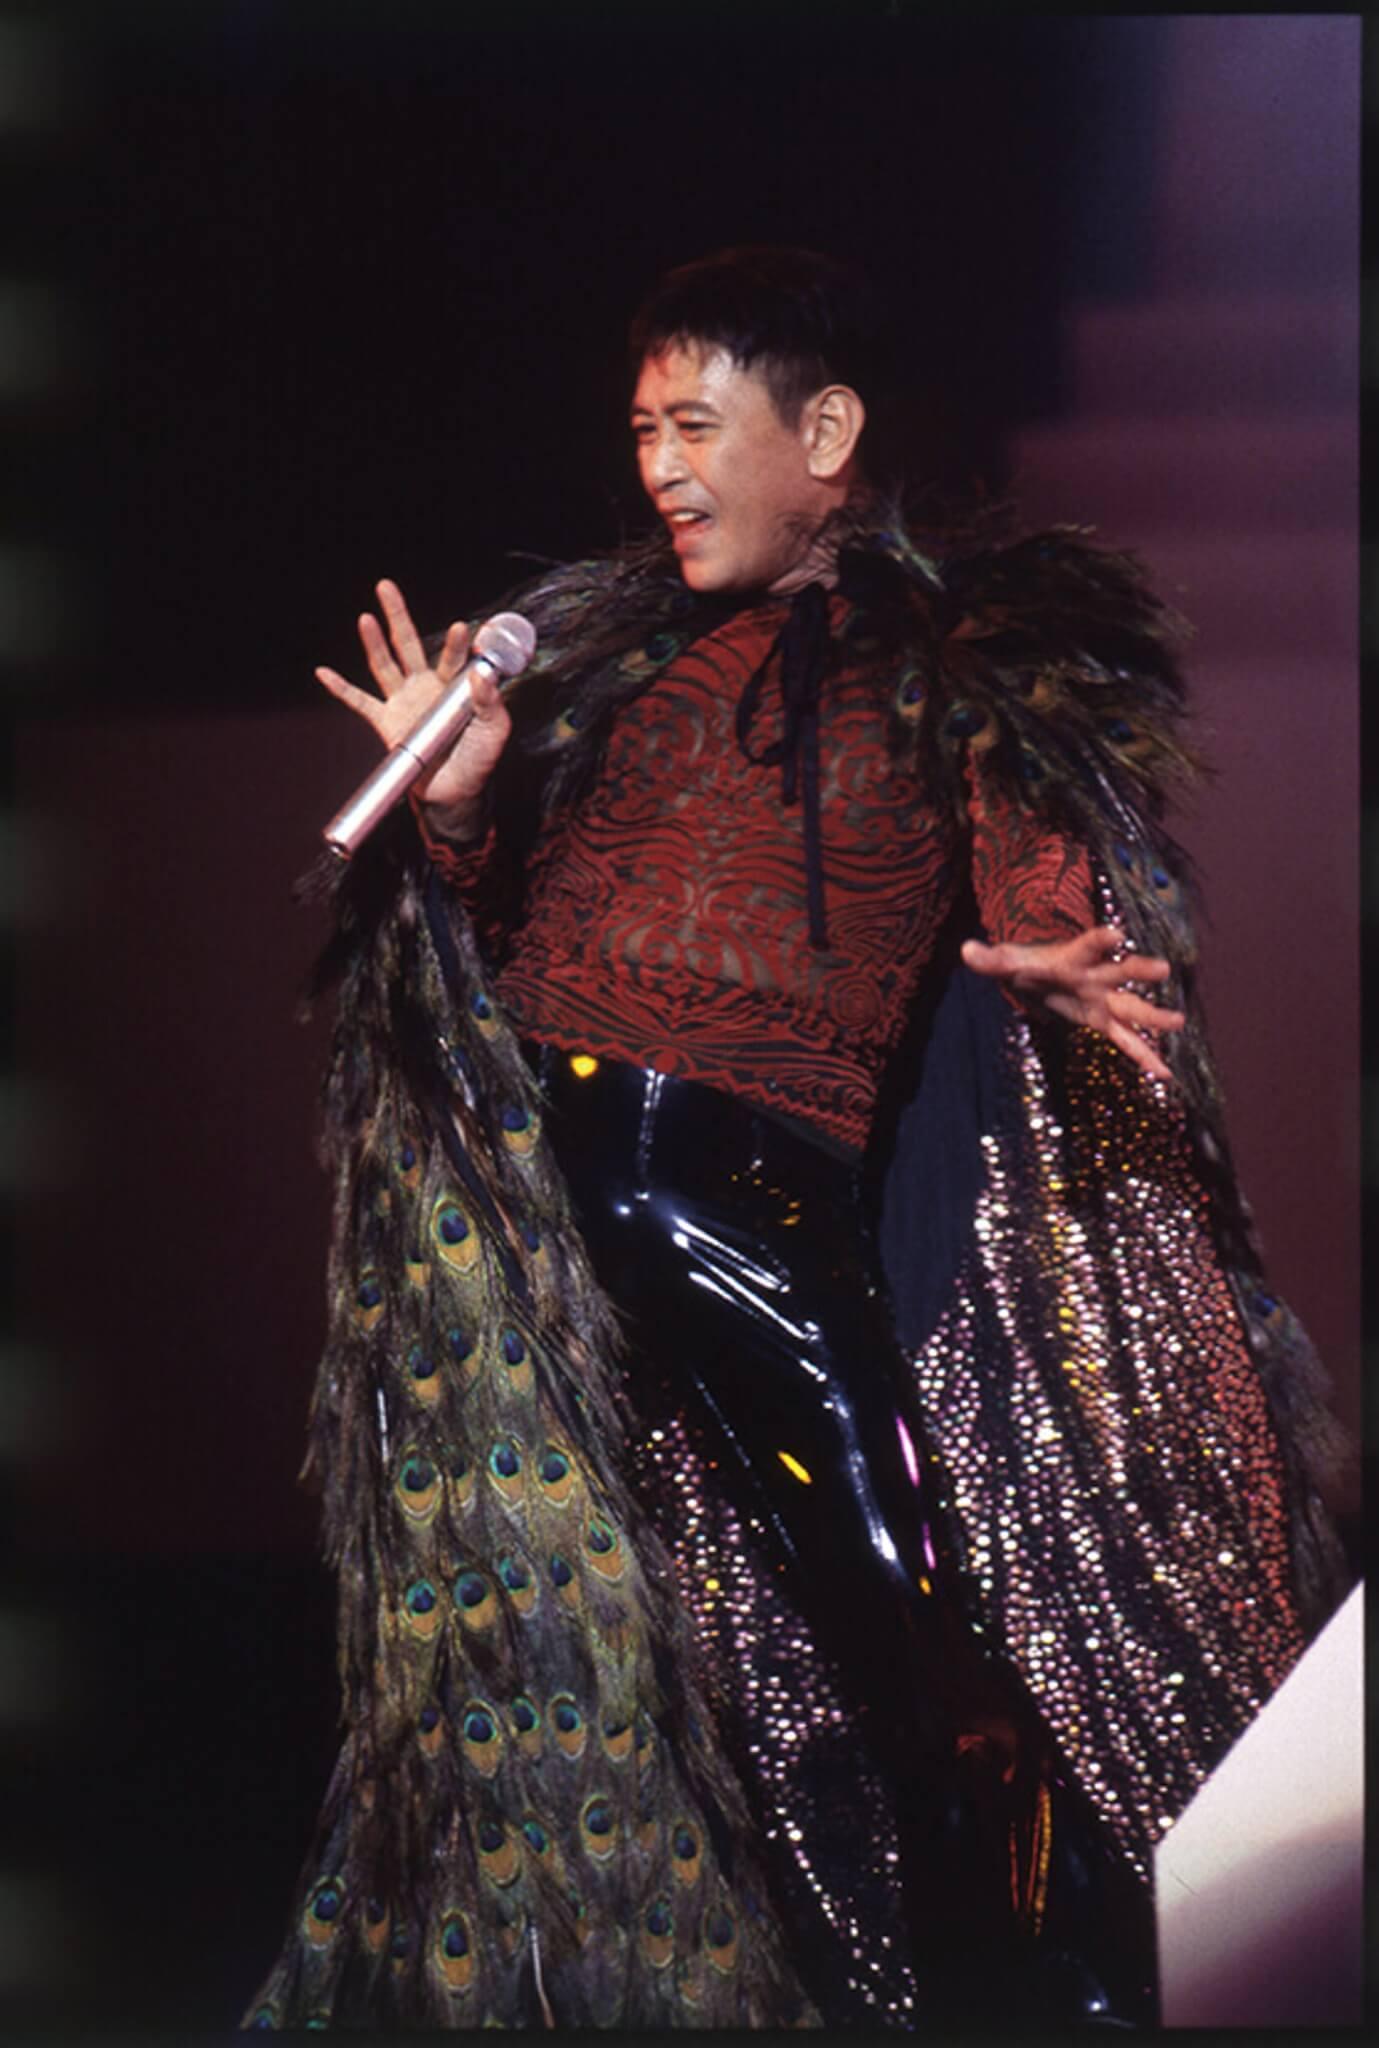 「大妖」羅文身穿一襲孔雀羽毛袍子,搔首弄姿的姿態極度前衛。